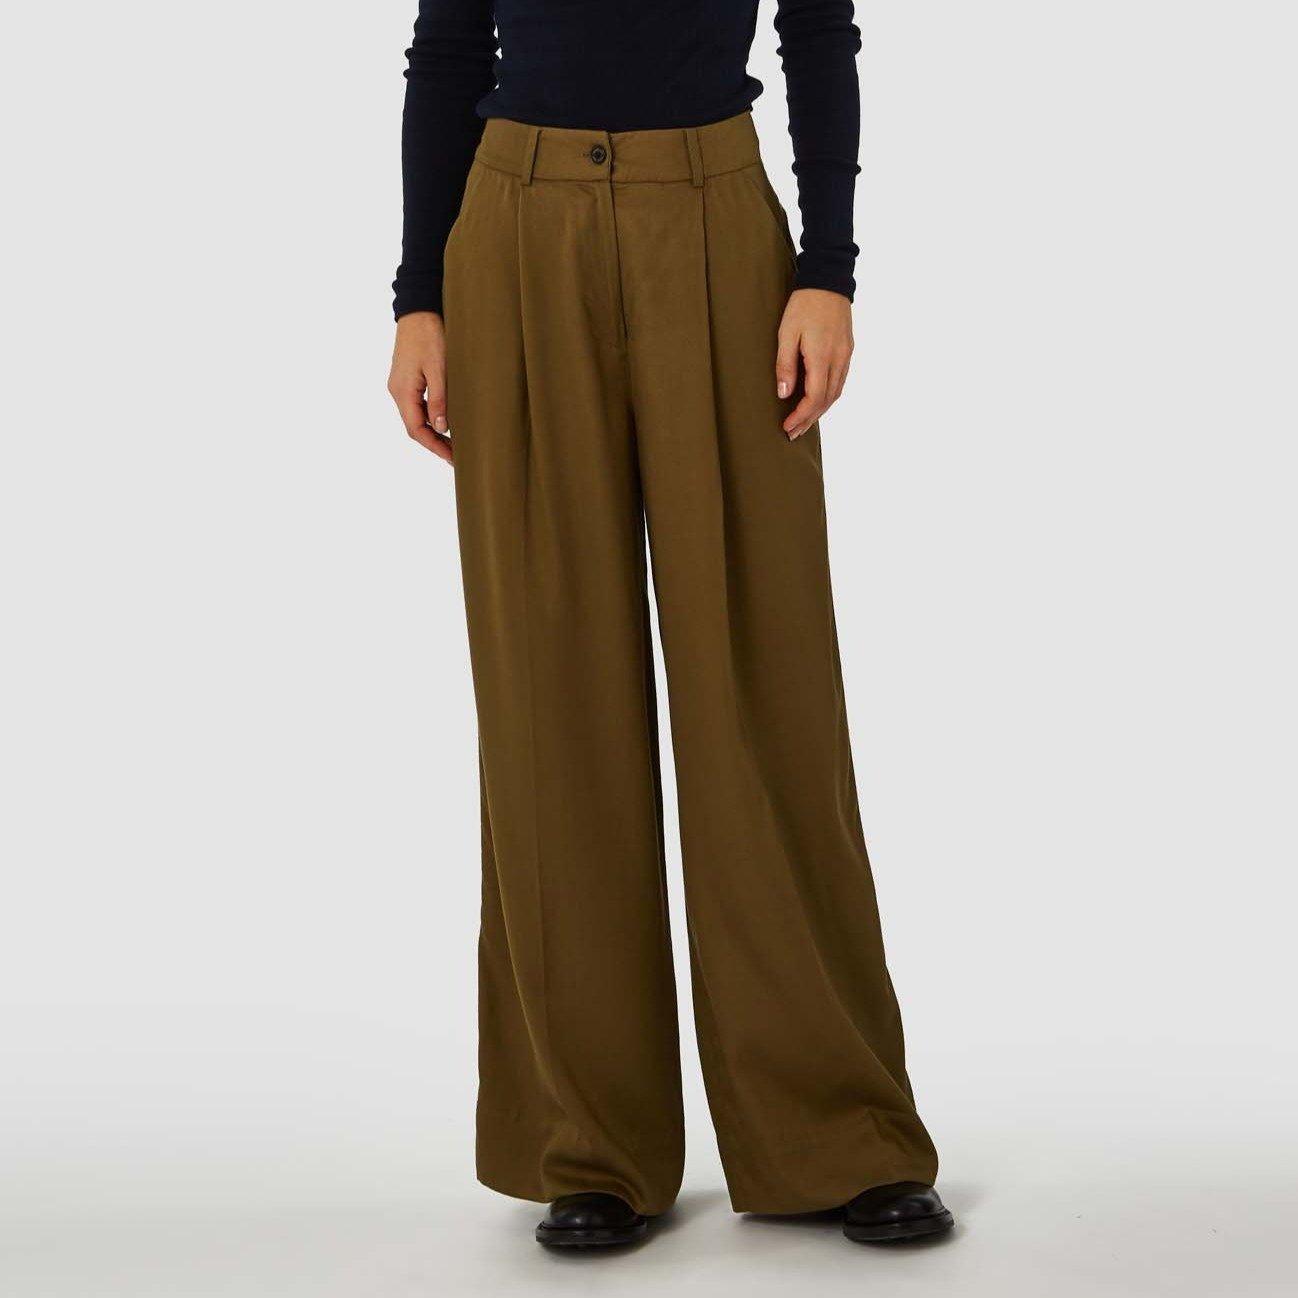 Rapunzel Trousers Olive Green Tencel